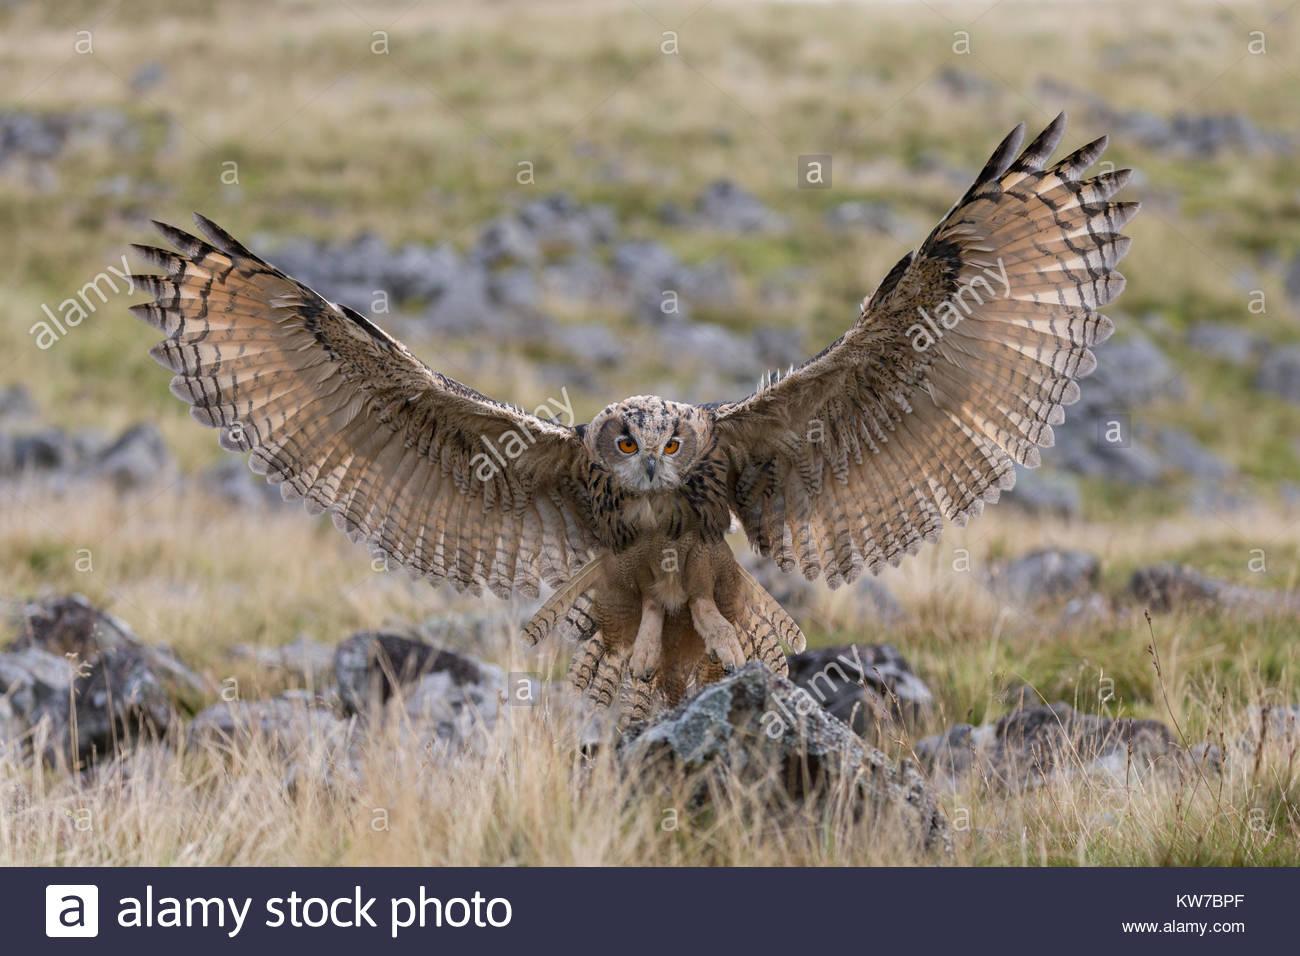 European (Eurasian) eagle owl (Bubo bubo) juvenile in flight, captive, Cumbria, UK, August 2017 - Stock Image